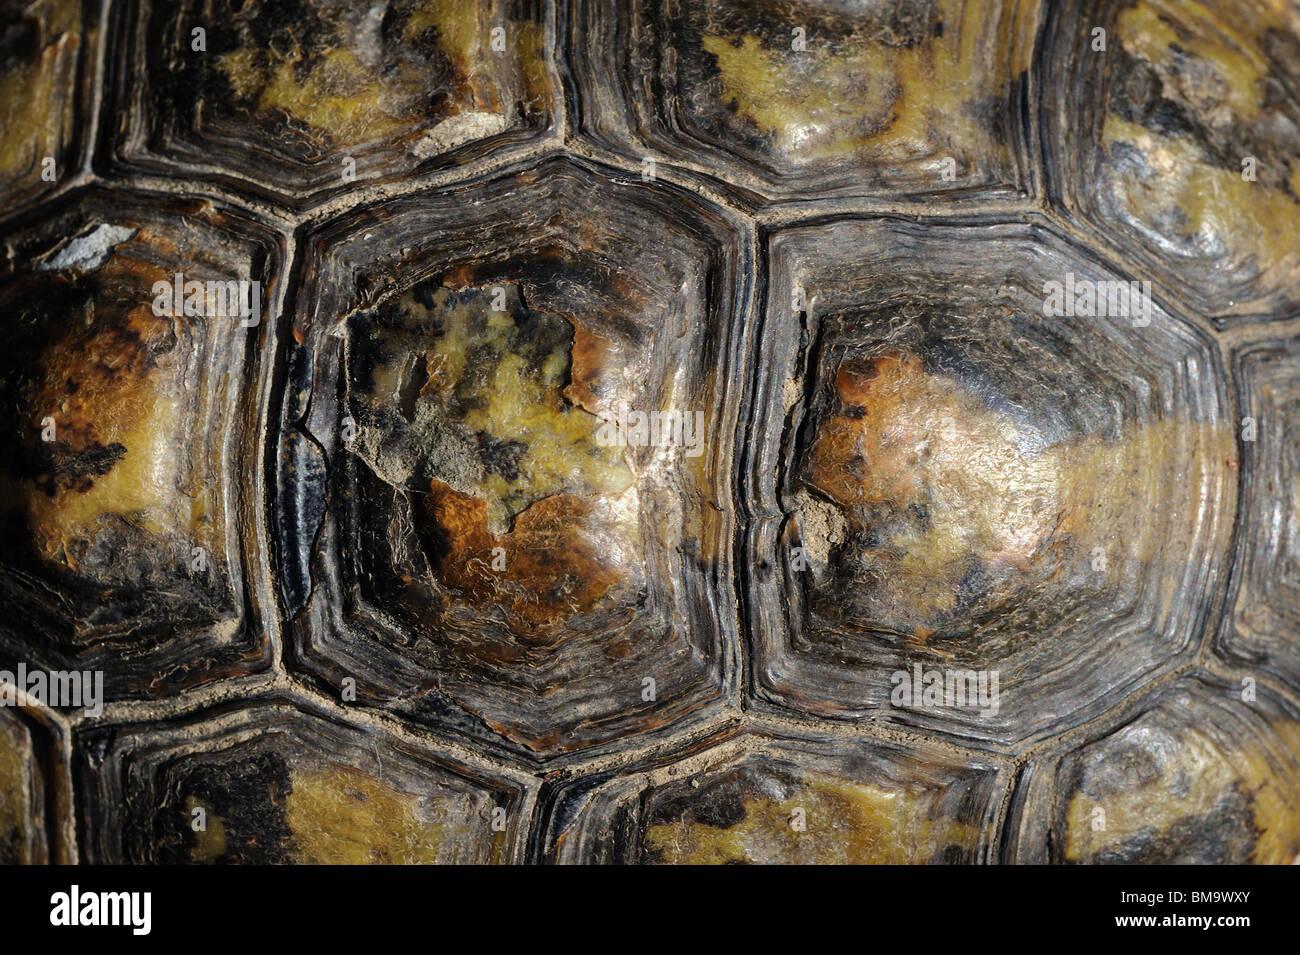 Upside detail of a female Hermann's tortoise (Testudo hermanni boettgeri) - Stock Image